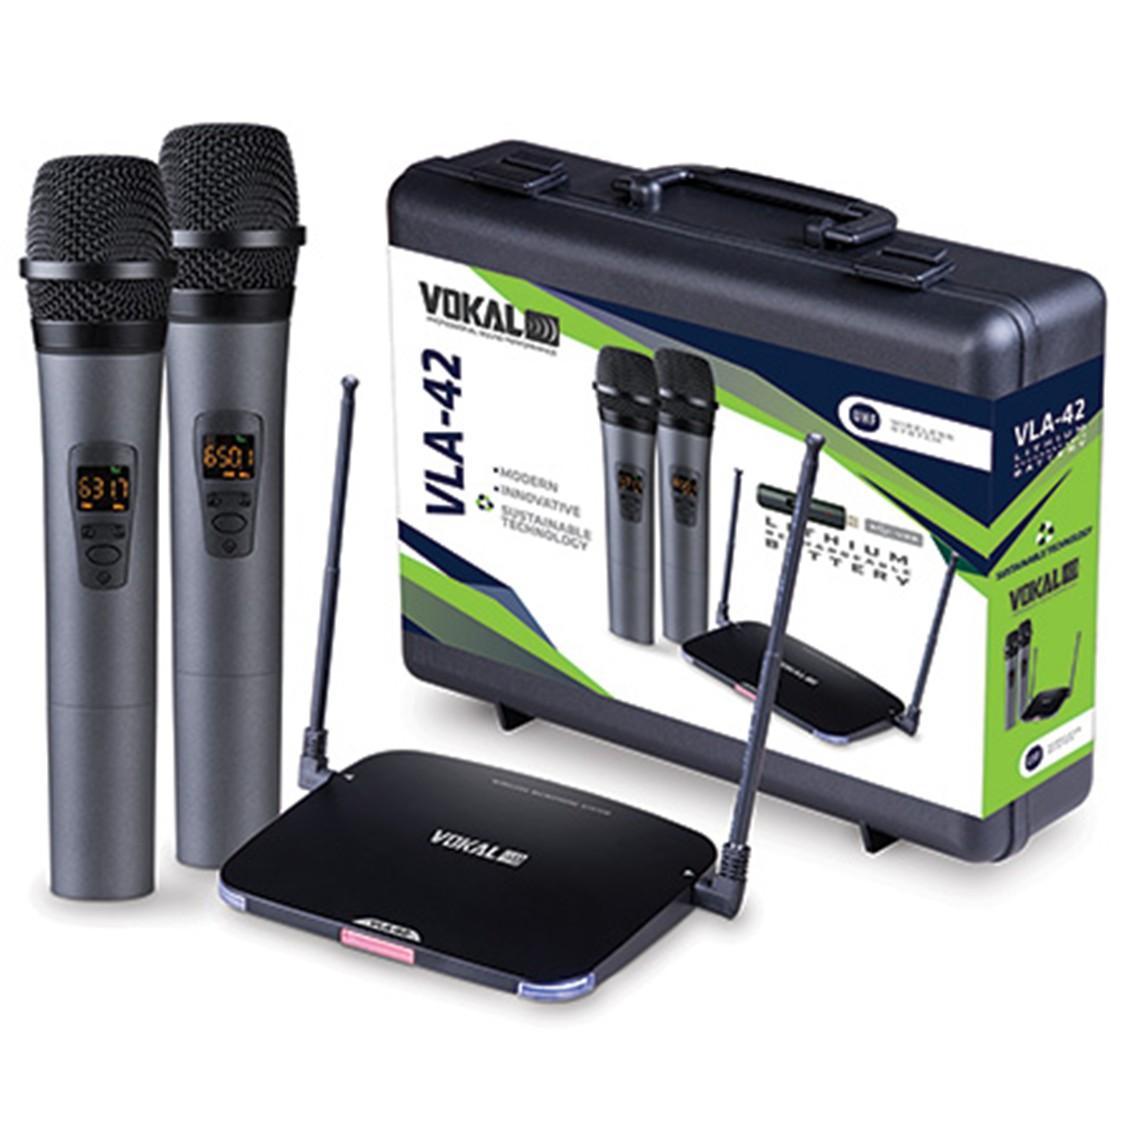 Imagem do produto Microfone sem Fio Vokal VLA-42 - Duplo